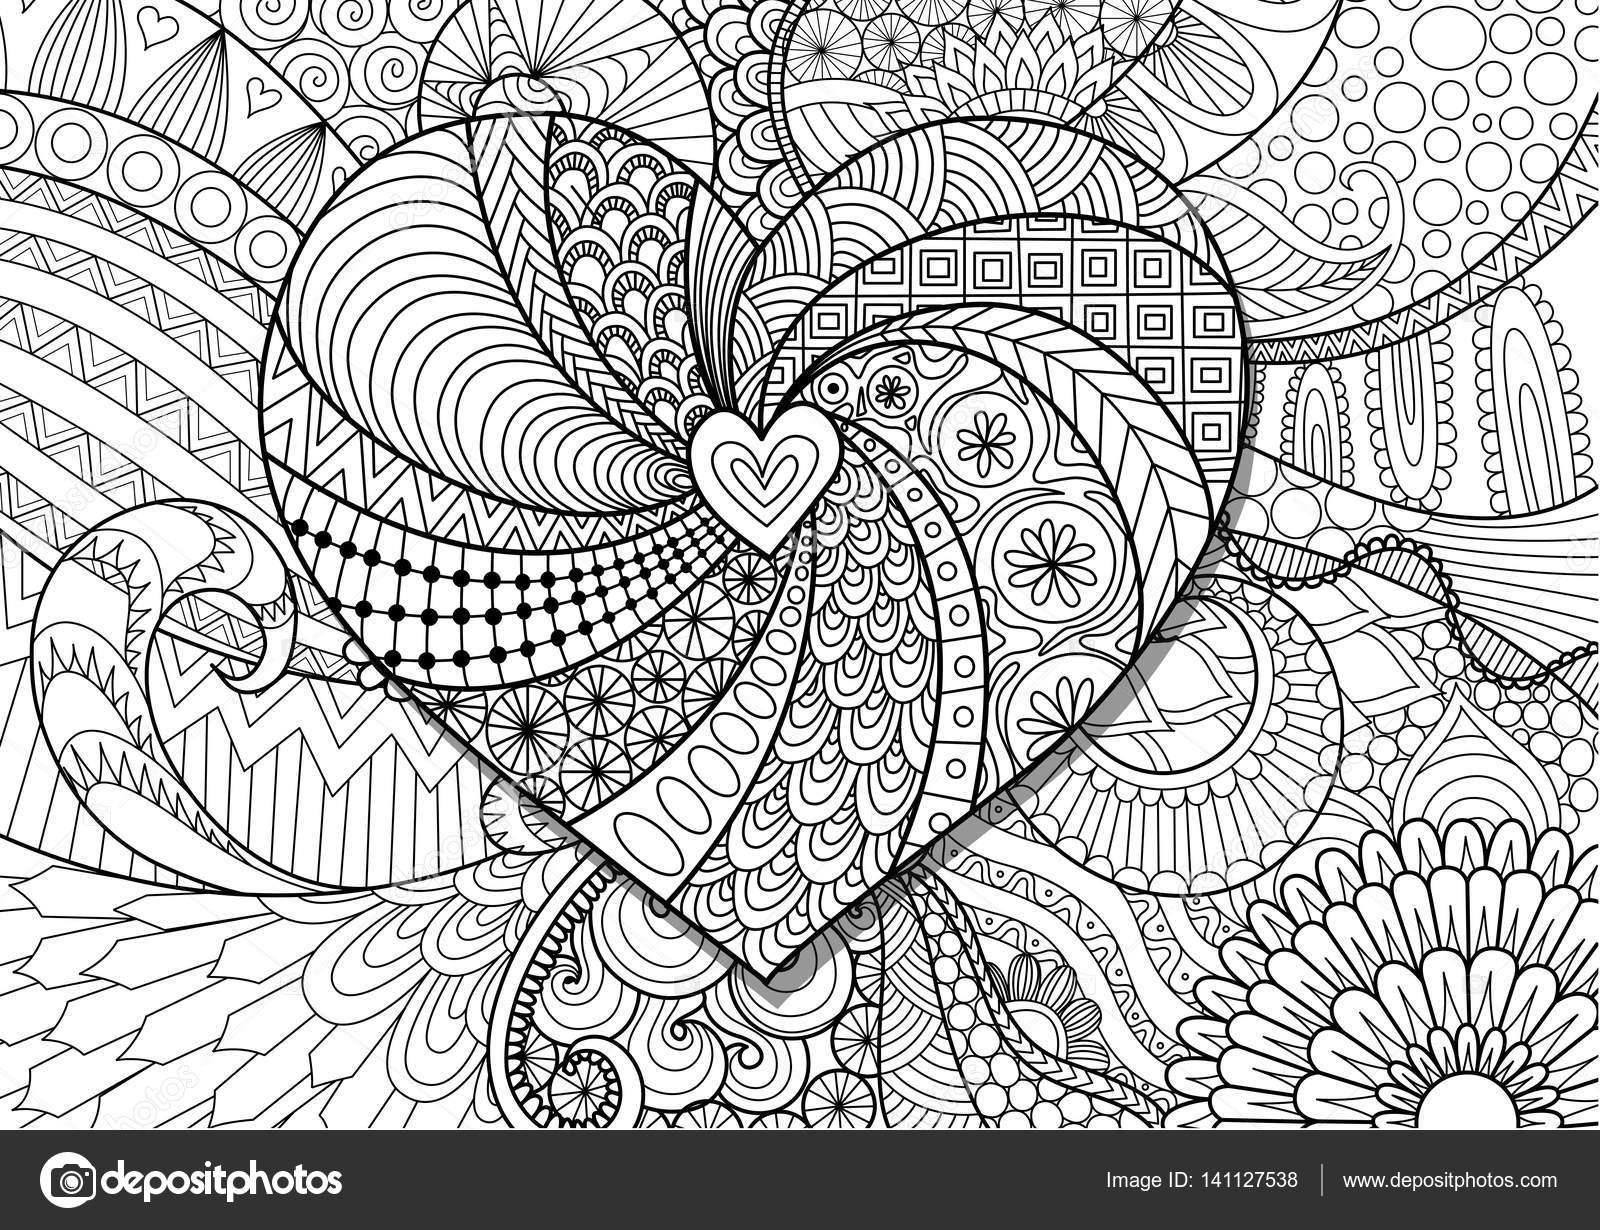 Herz auf floraler Hintergrund für Erwachsene Malvorlagen Buch